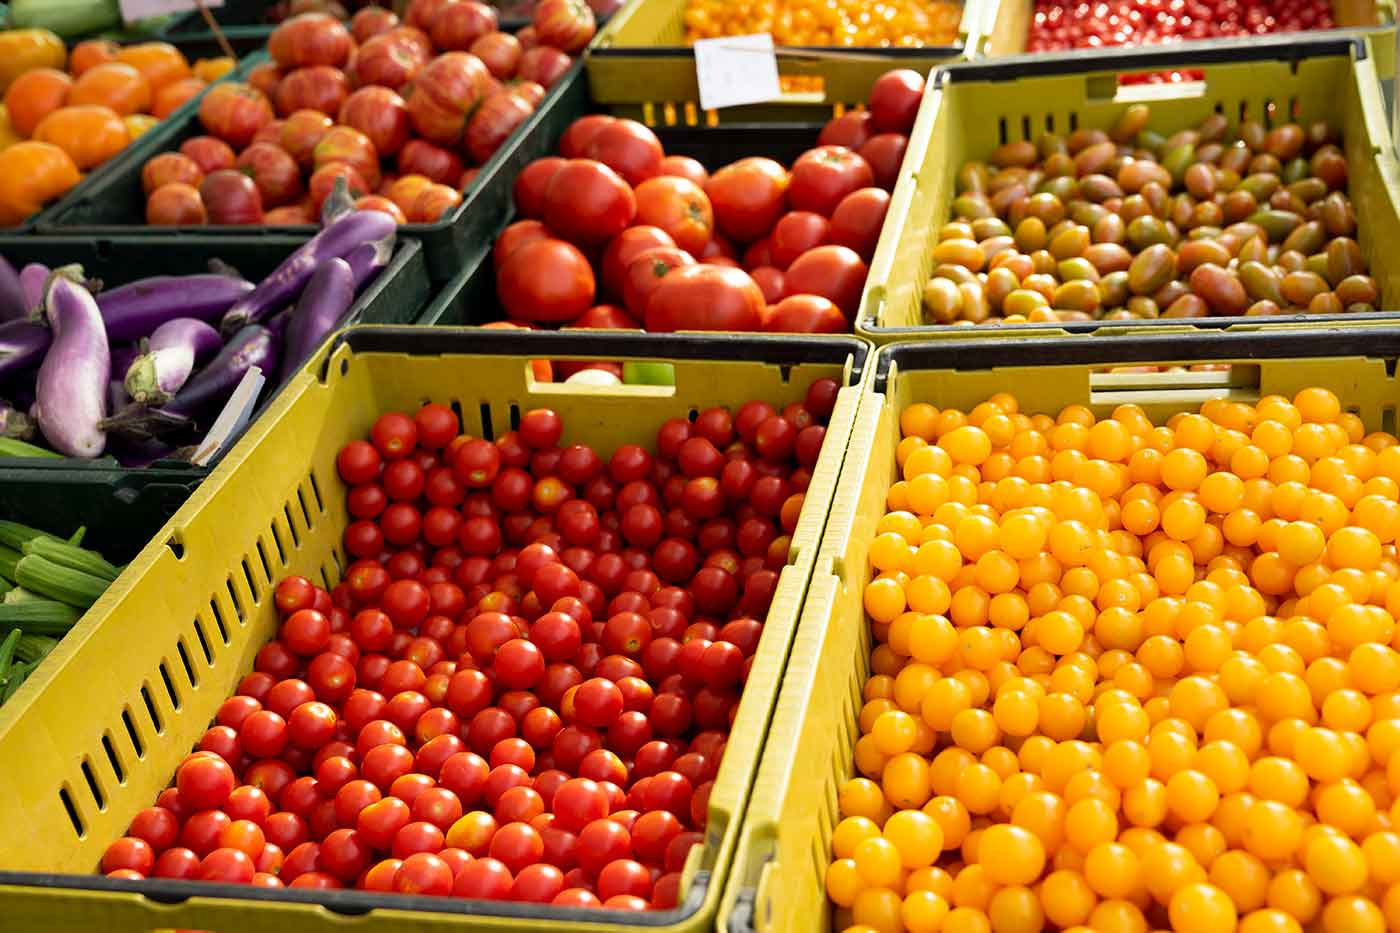 tomatoes at farmers market South Pasadena California